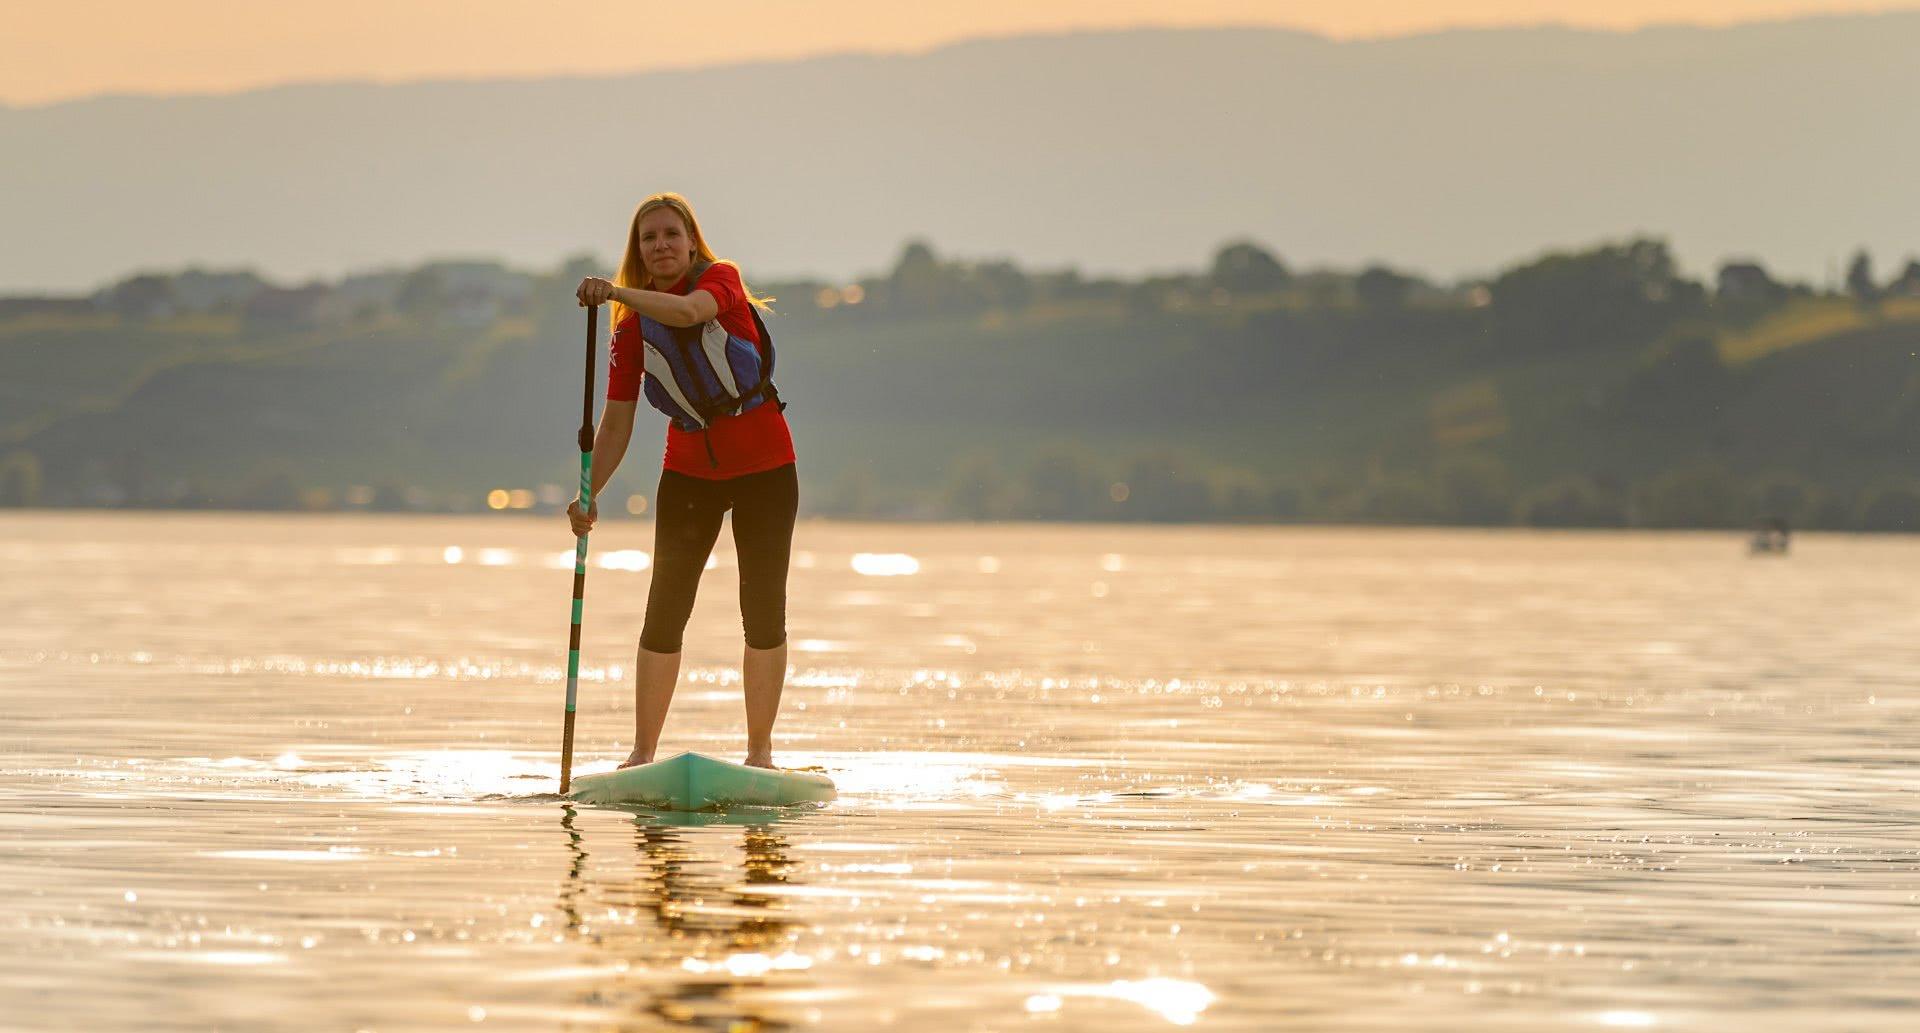 Una donna su un paddle avanza sull'acqua di un lago al tramonto